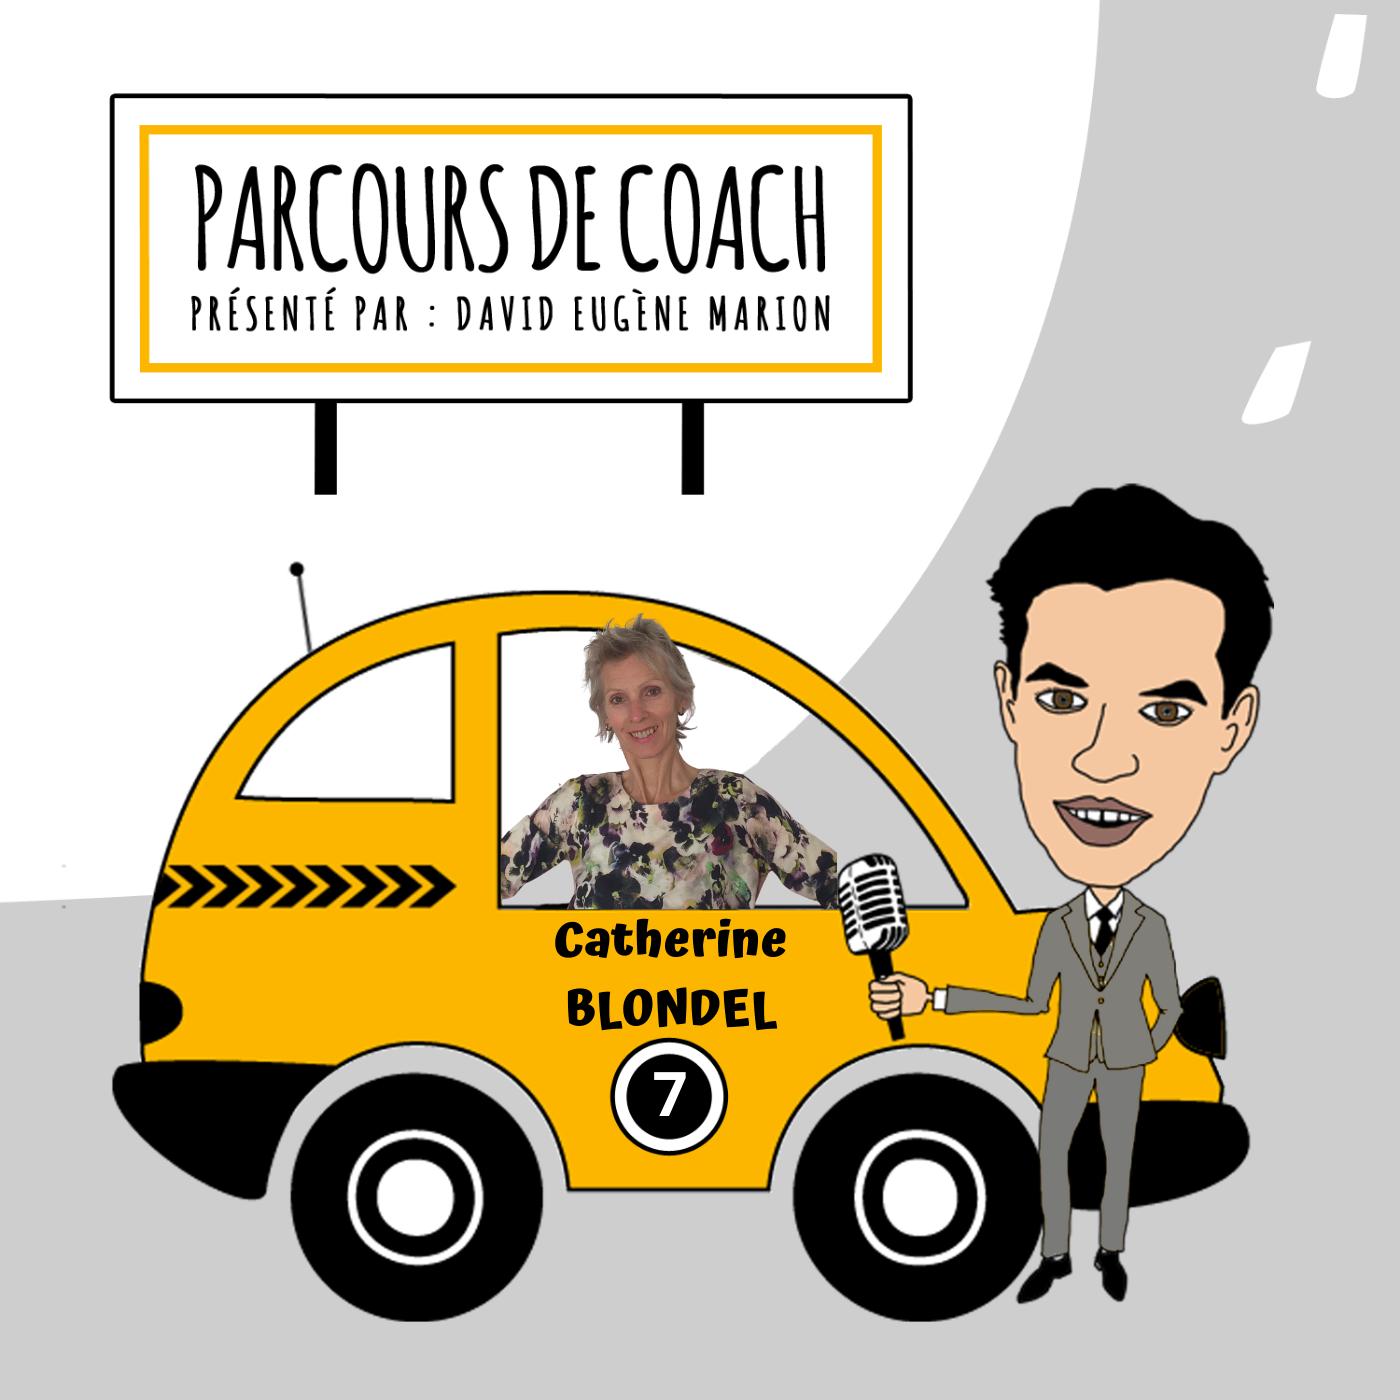 Parcours de Coach® n°7 : Catherine BLONDEL